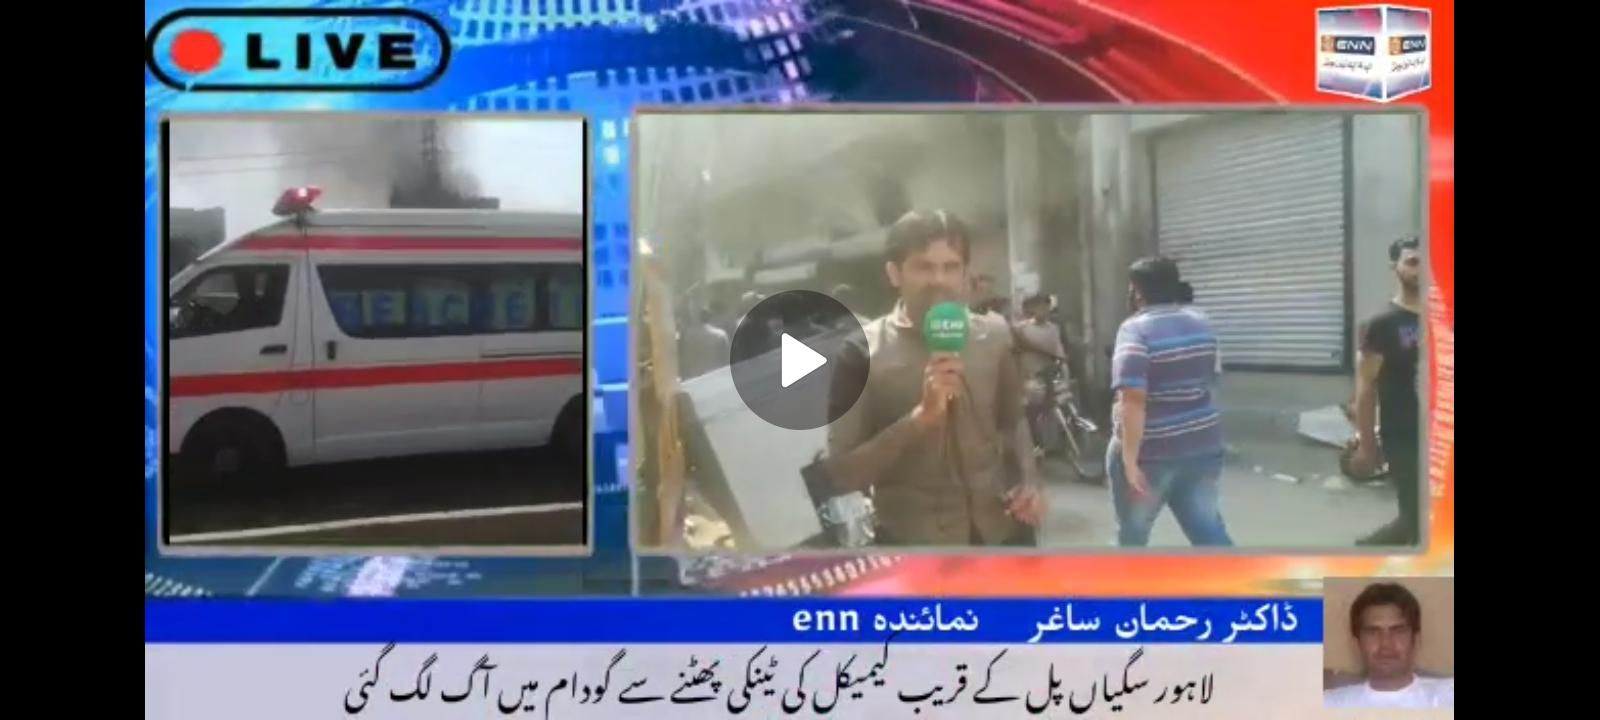 لاہور سگیاں پل کے قریب کیمیکل کی ٹینکی پھٹنے سے گودام میں آگ لگ گئی